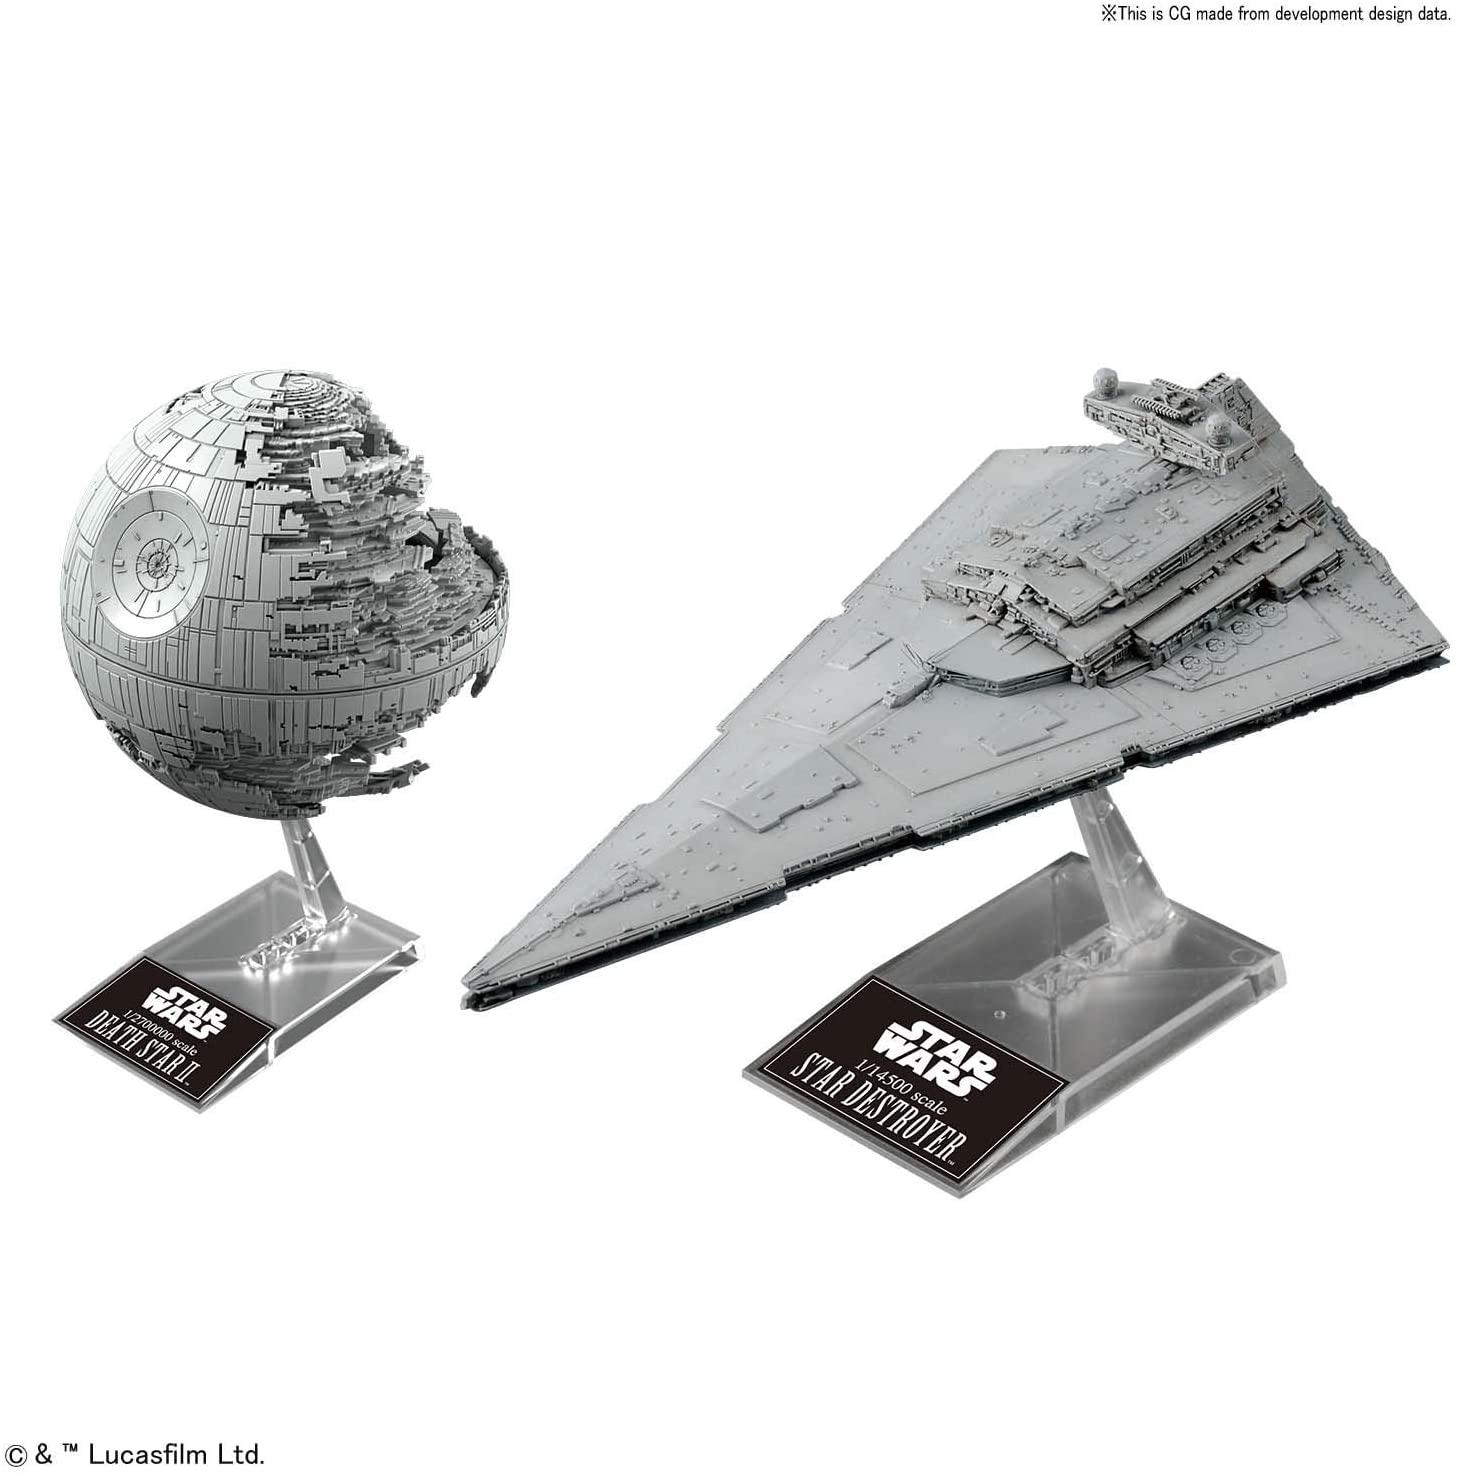 Bandai Star Wars Plastic Model Death Star II 1/2,700,000 & Star Destroyer 1/14,500